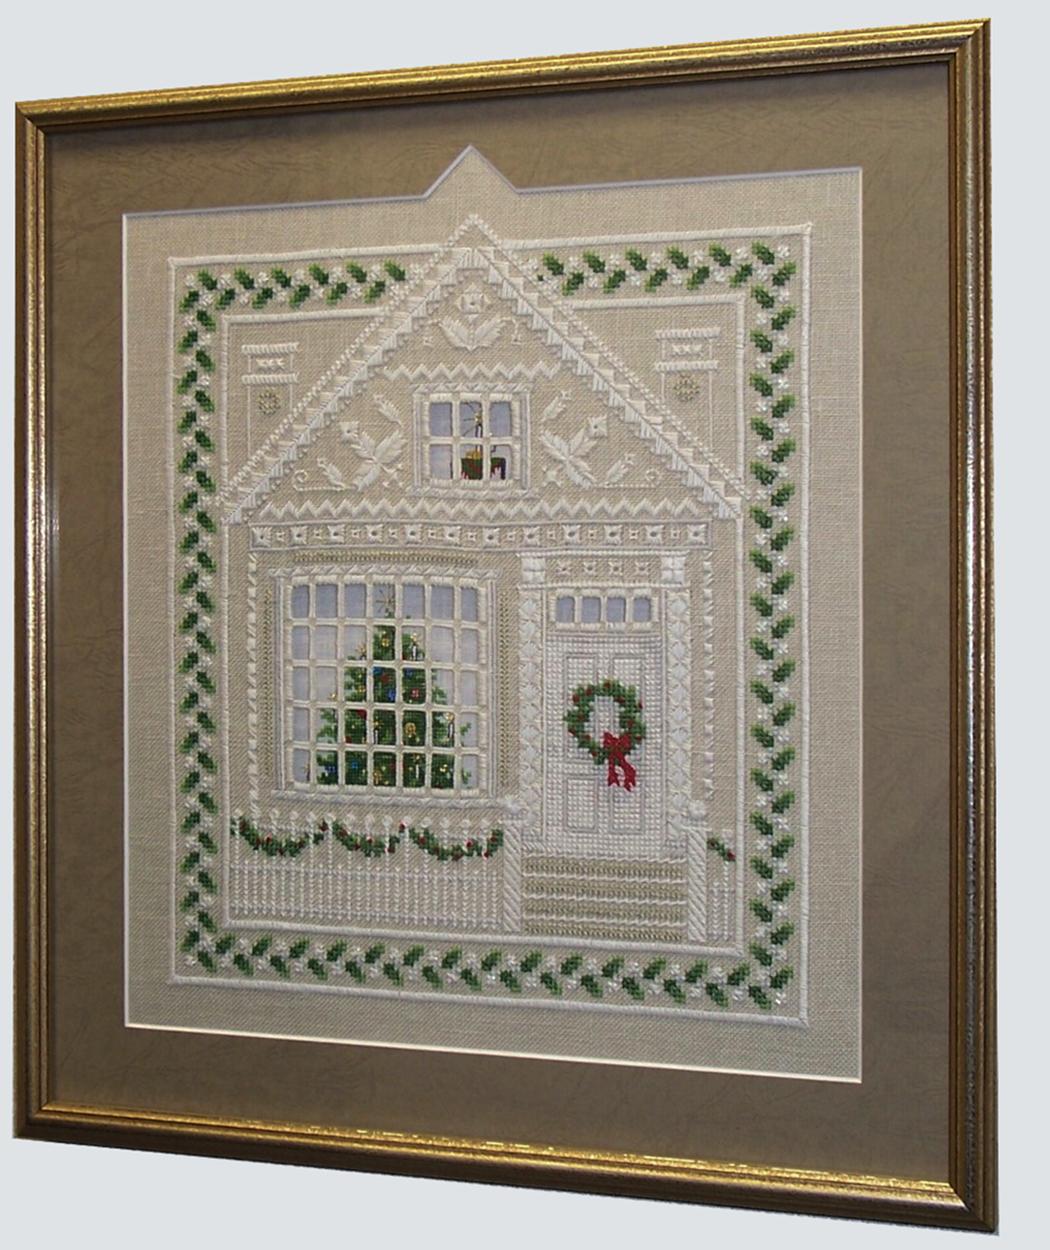 house-framed-needlepoint.jpg